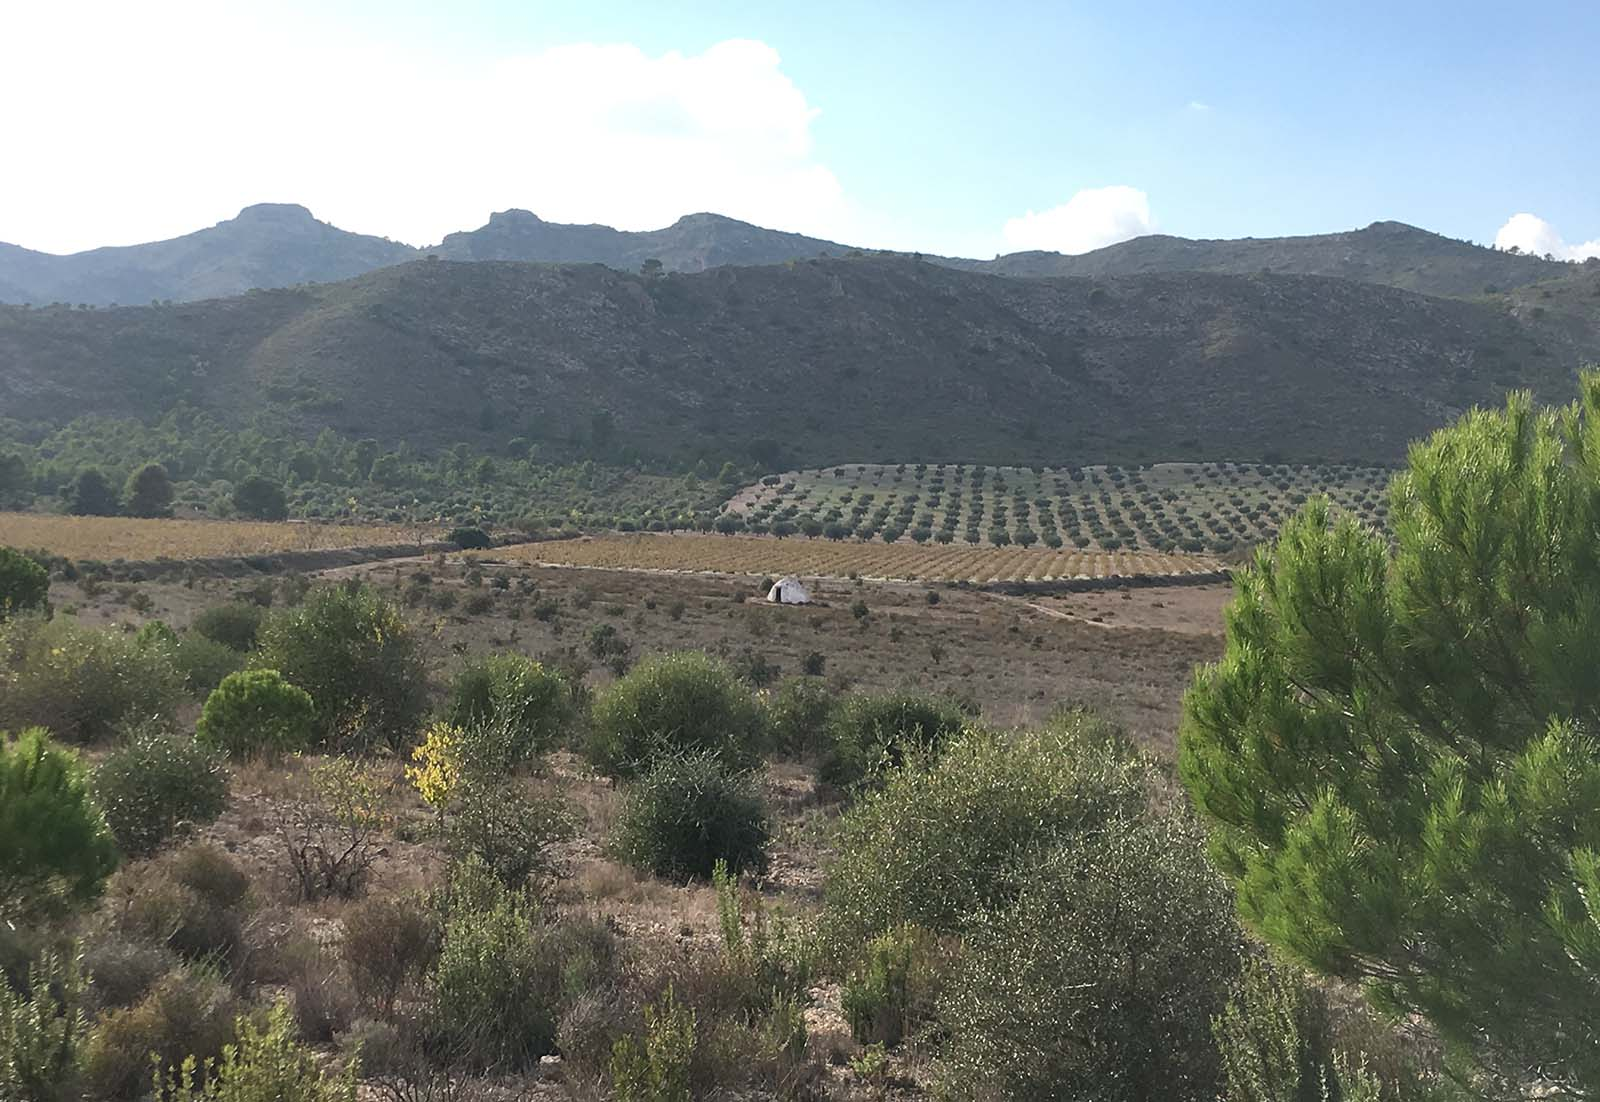 Refugio de pastores y labradores típico de la Mancha. Yecla, 2018